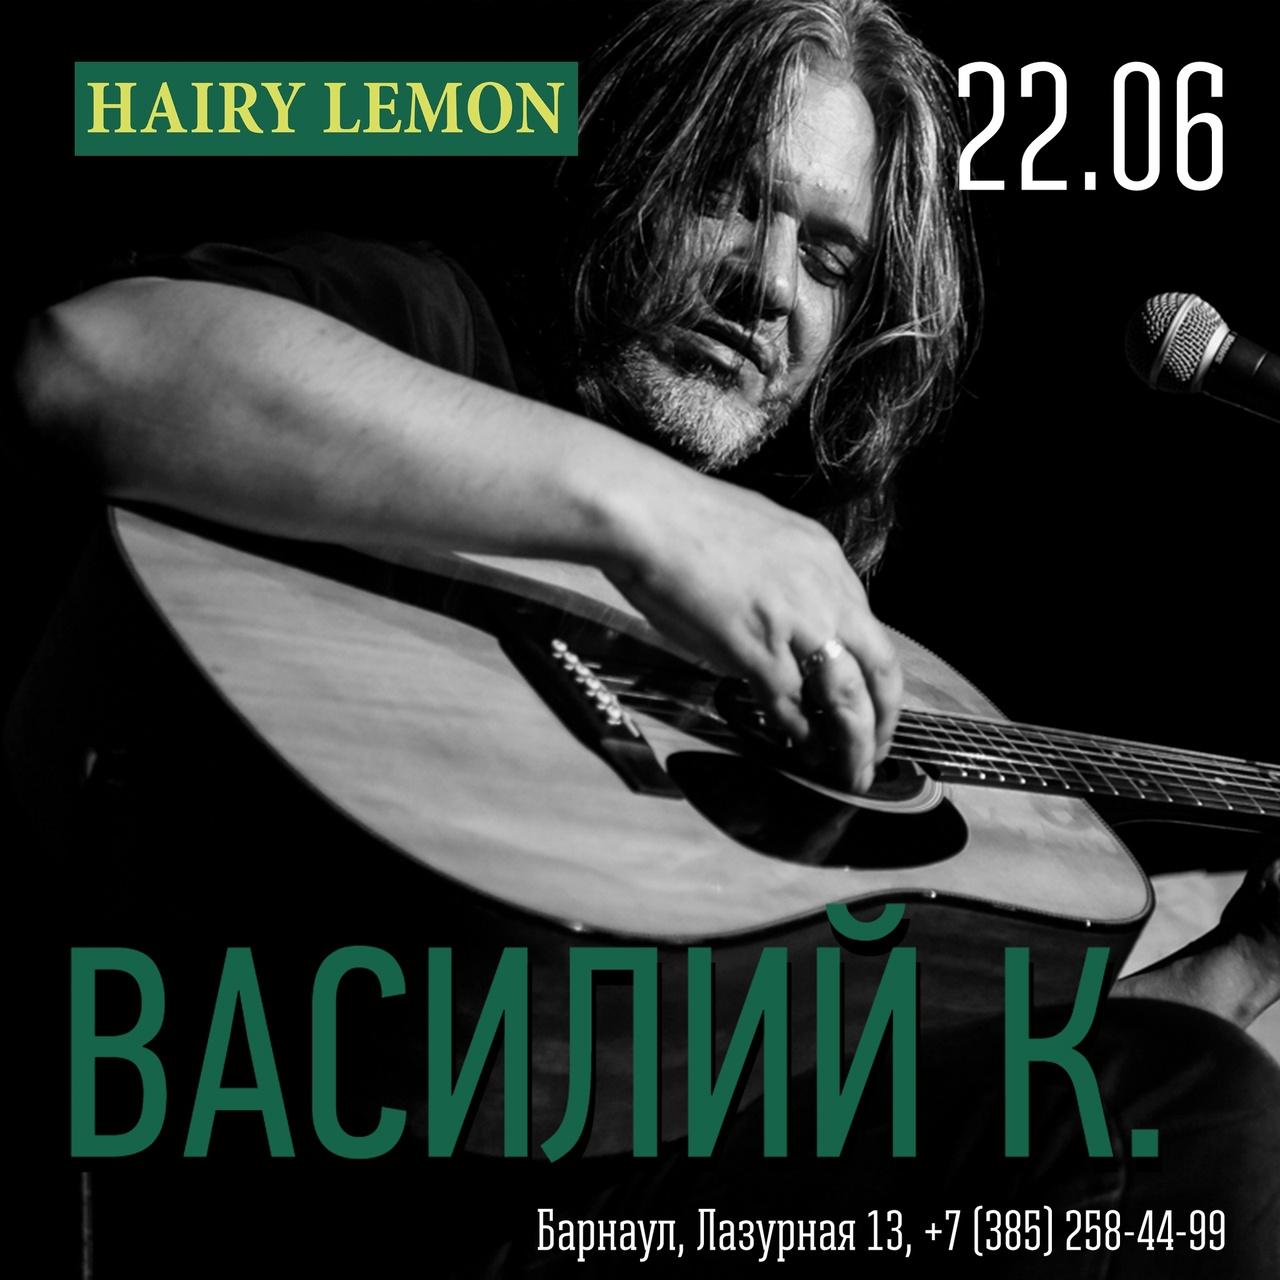 Афиша Барнаул Василий К. / 22.06 / Hairy Lemon, Барнаул